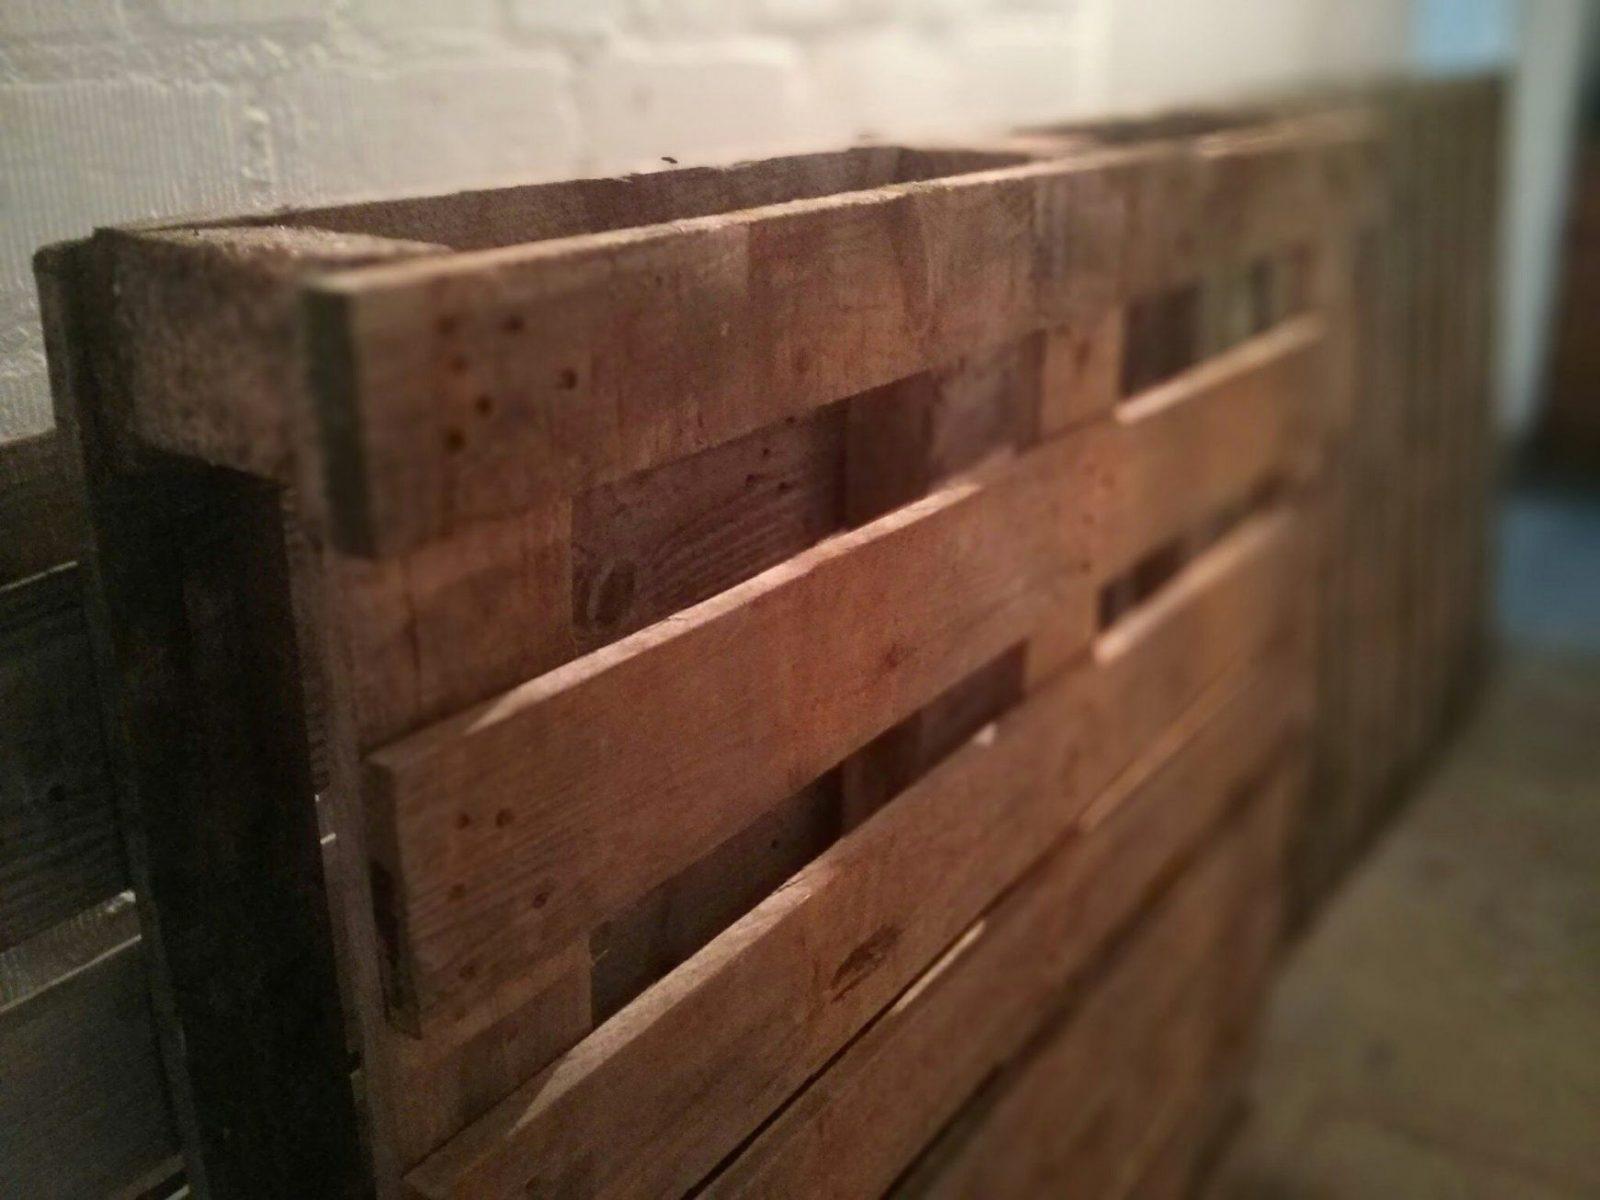 Verwunderlich Holztür Selber Bauen Theke Selber Bauen Holz Sl47 von Theke Selber Bauen Holz Bild